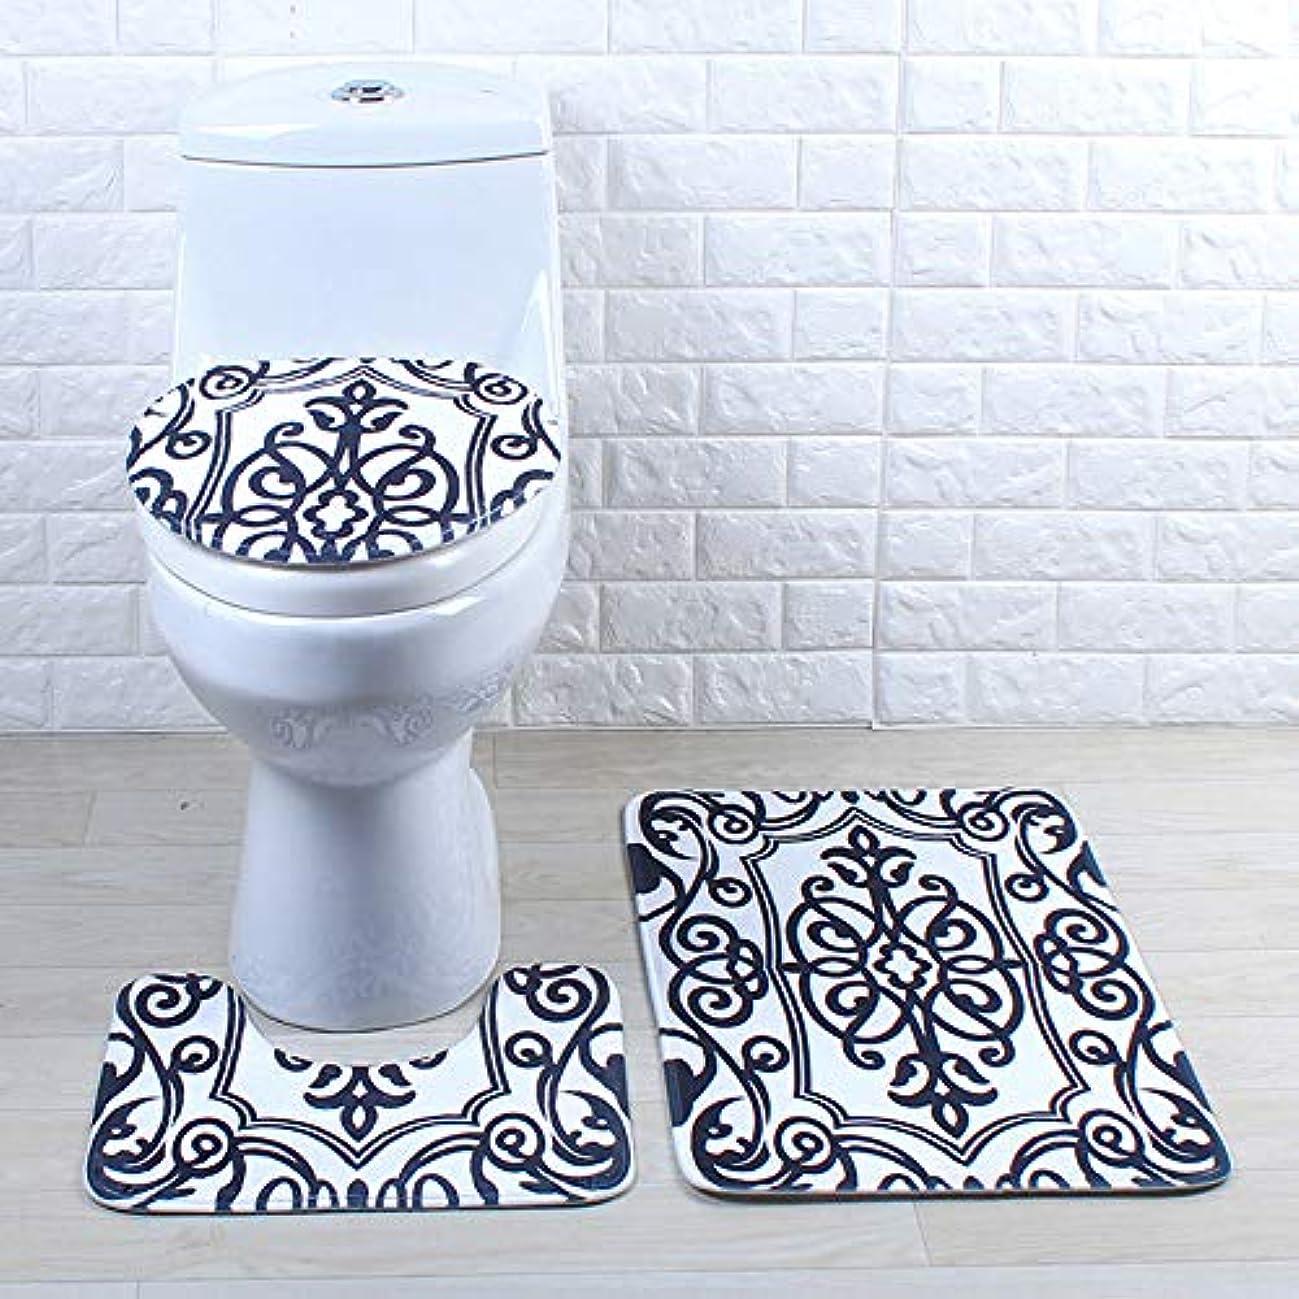 身元責任まさに3ピース/セットオーシャンパターンバスマット浴室滑り止めマットセットフランネル吸収トイレシートカバー敷物バスルームアクセサリー (L)